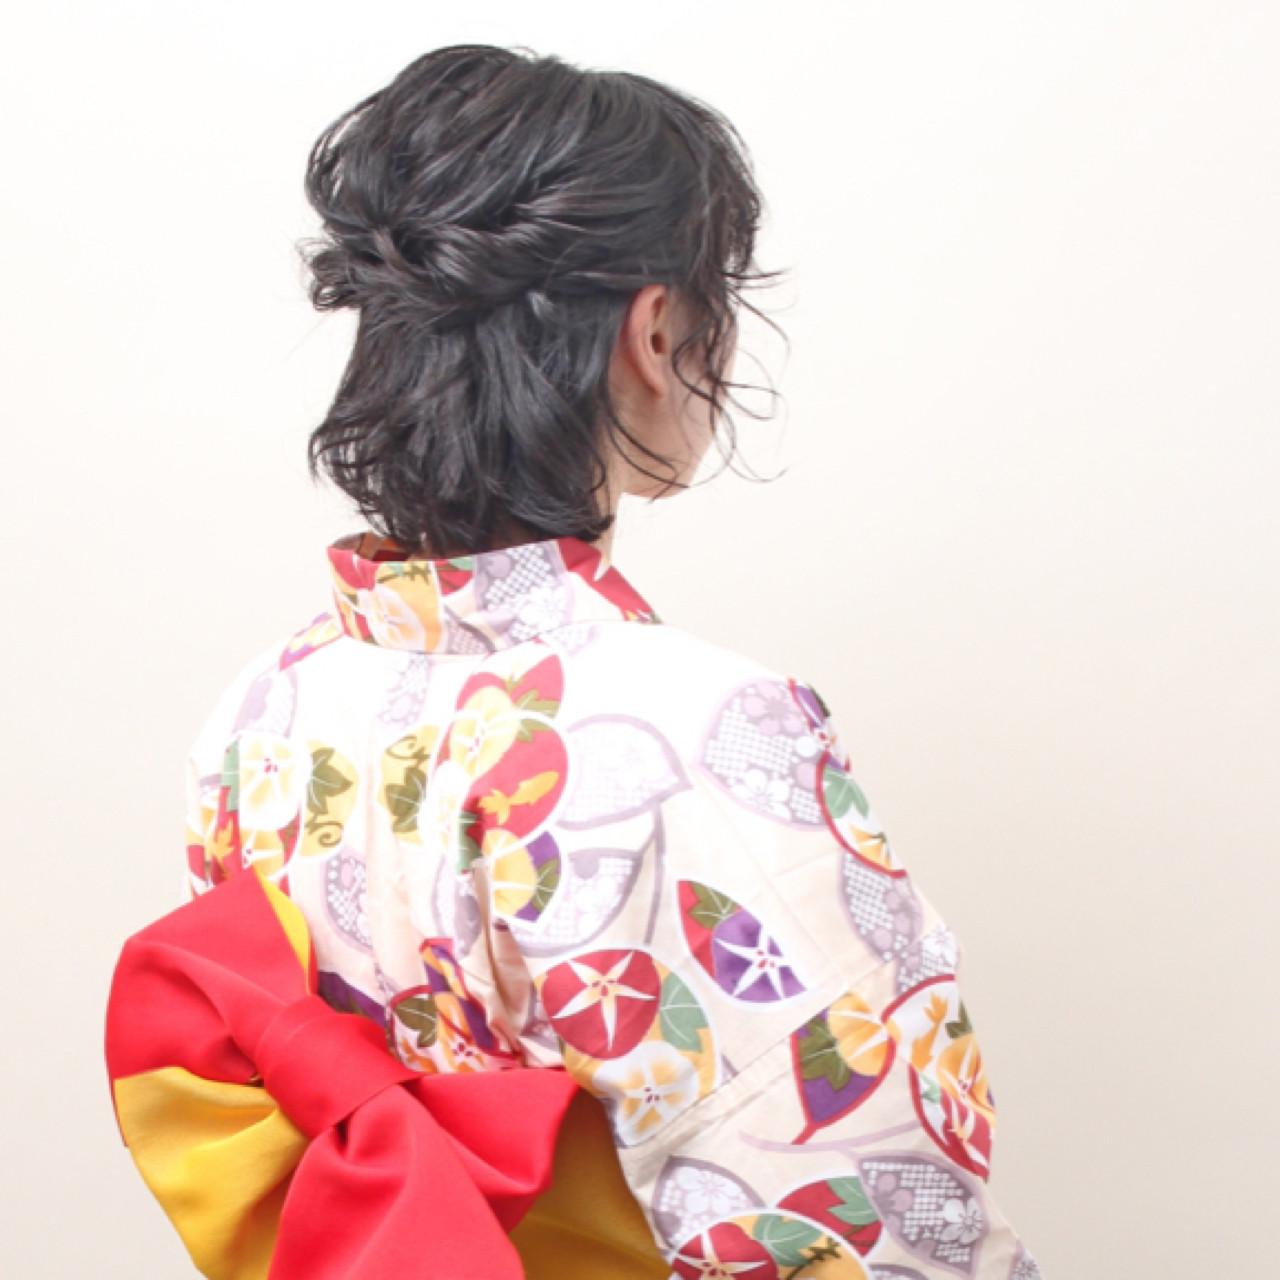 ボブ ハーフアップ 花火大会 ナチュラル ヘアスタイルや髪型の写真・画像 | 上杉 / 大阪